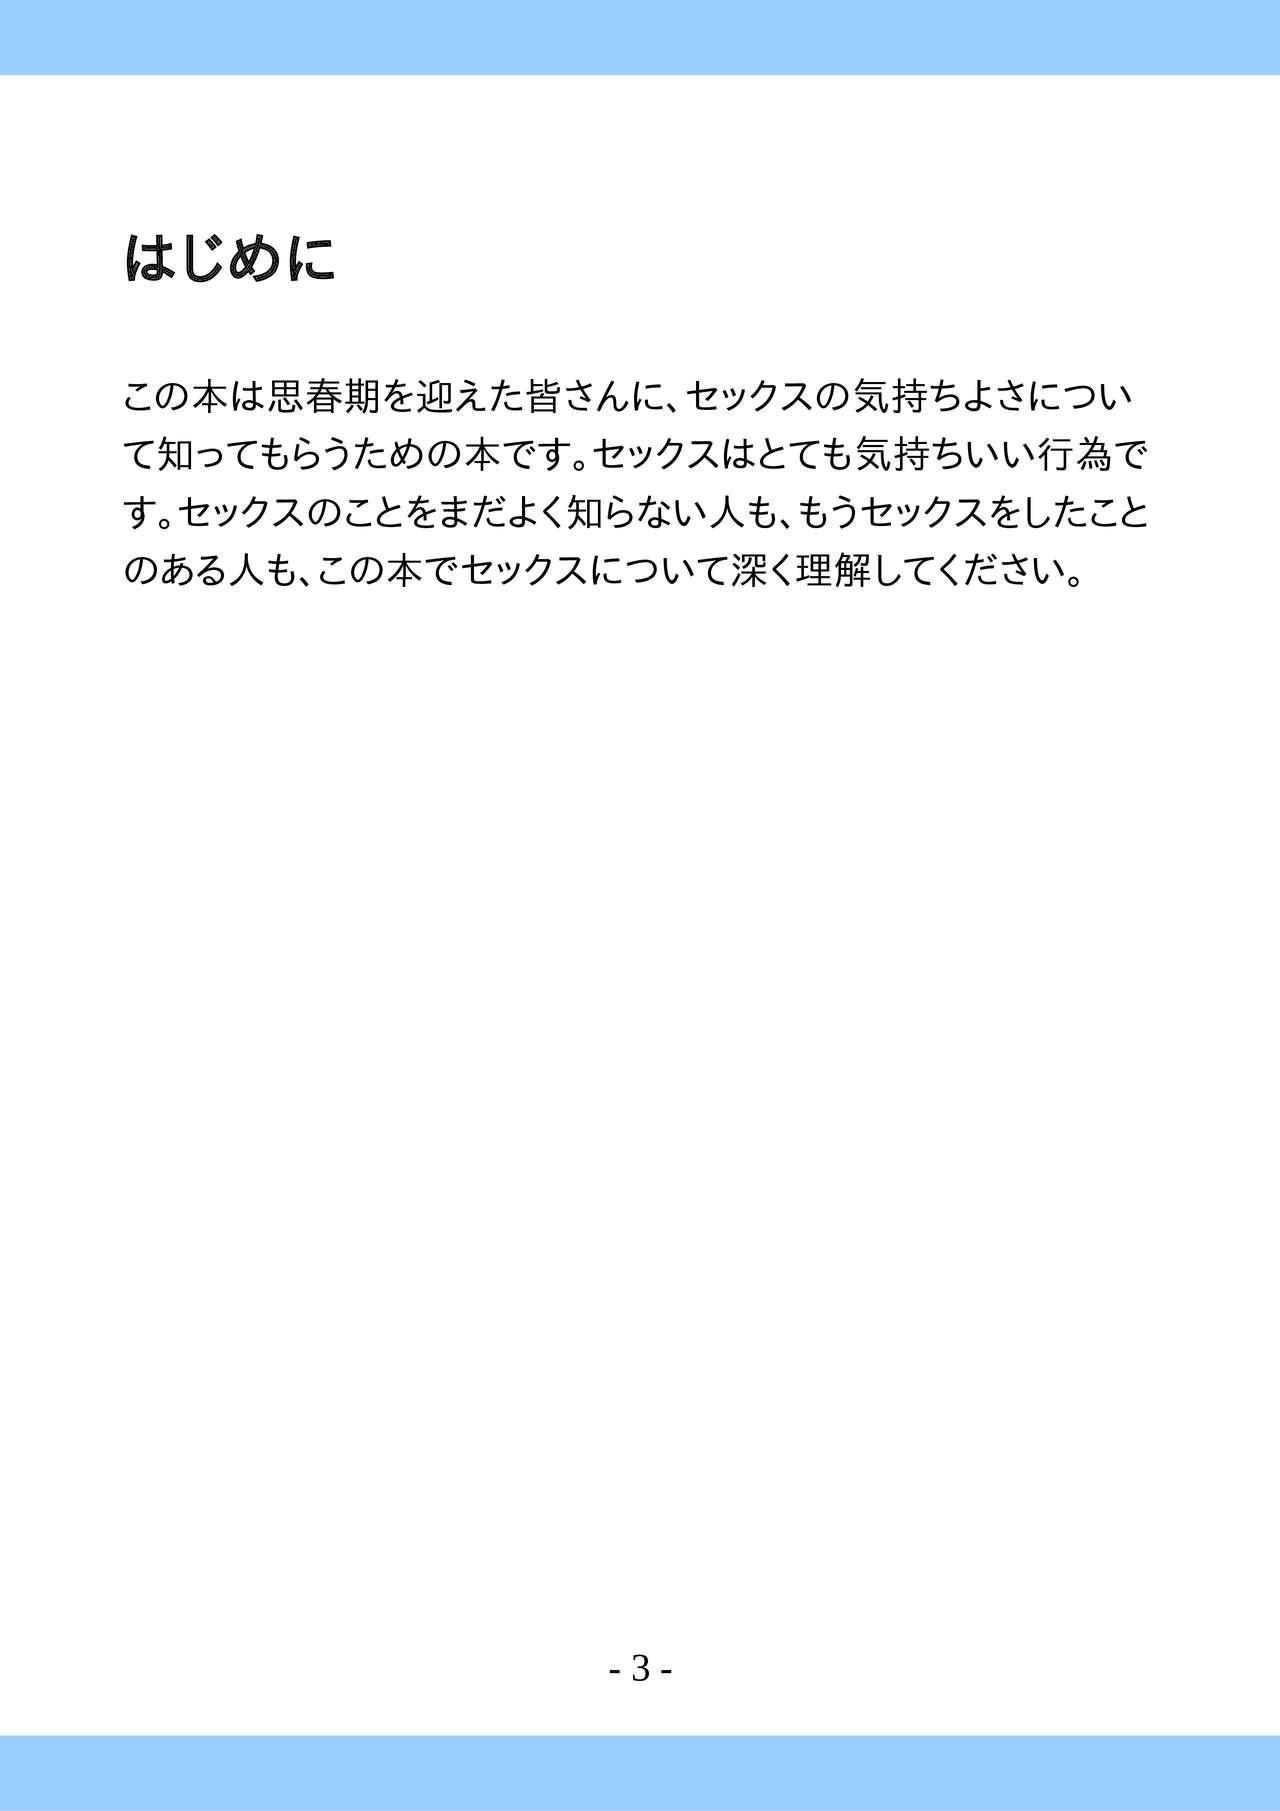 Shishunki no Tame no Tottemo Kimochii Sex no Ohanashi 2